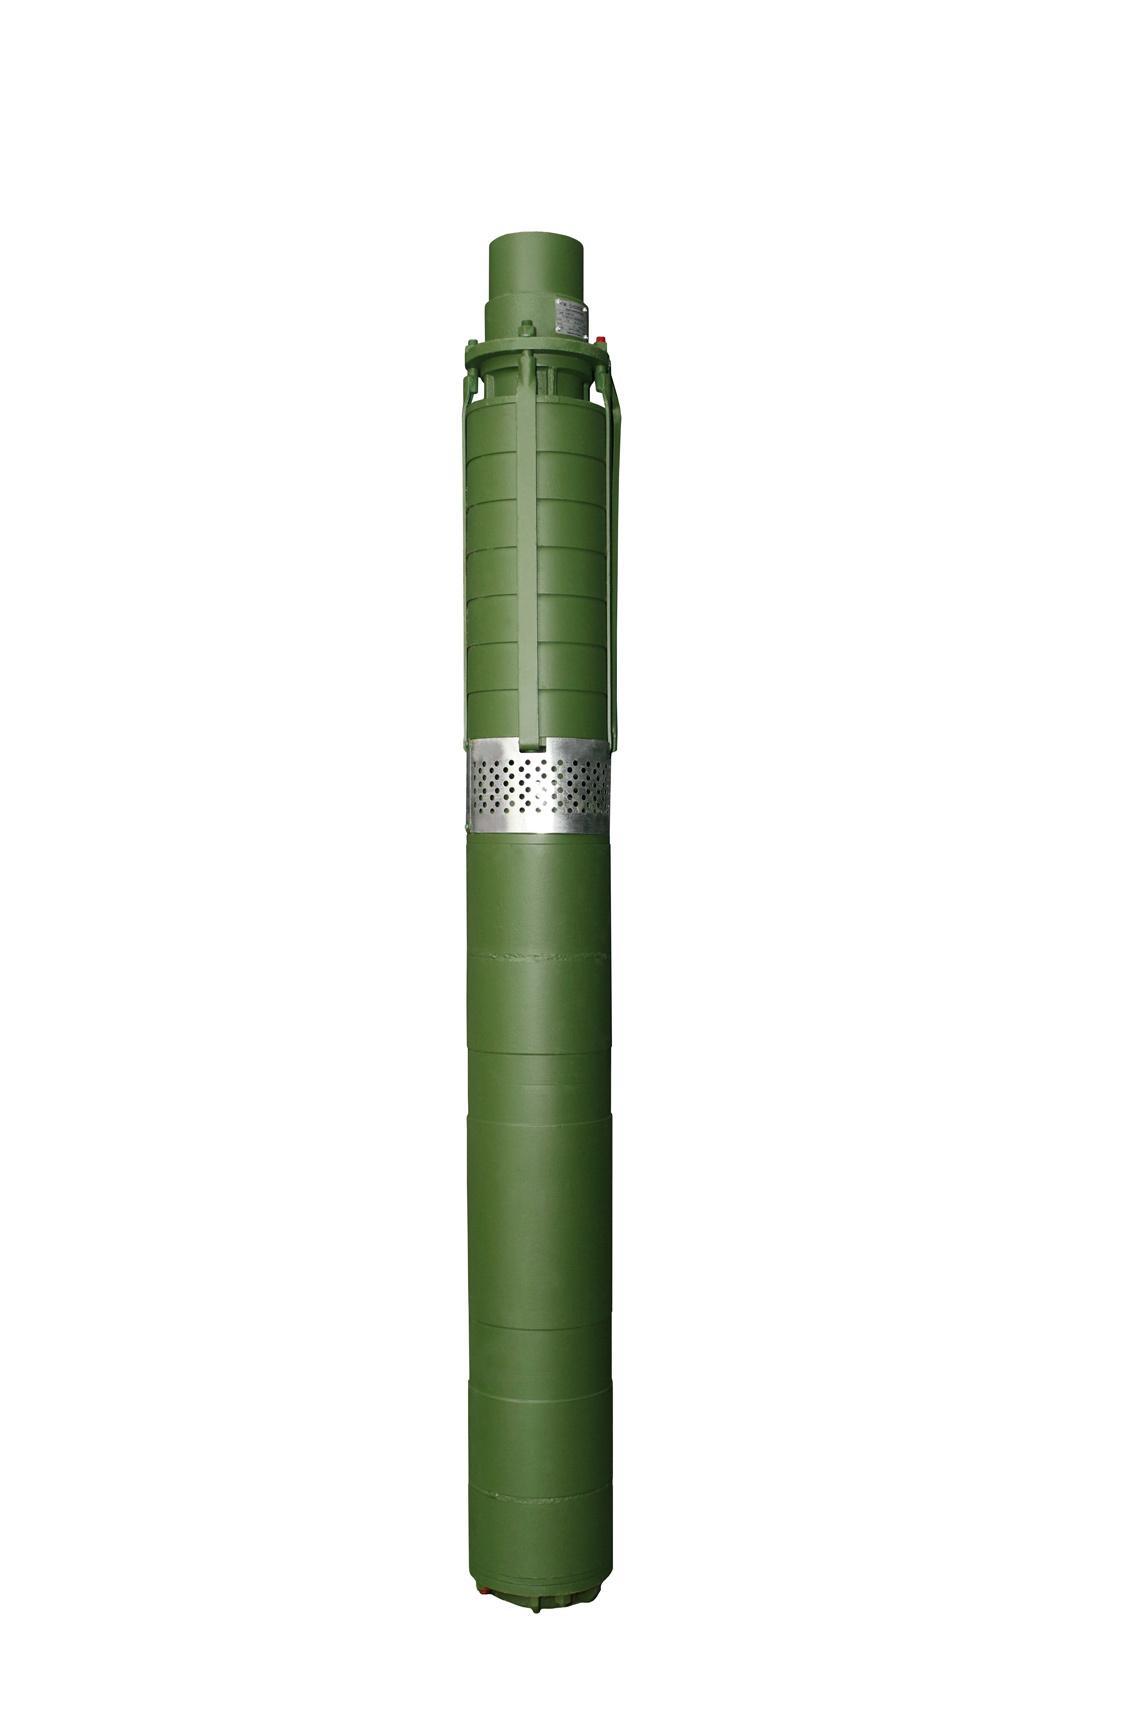 ЭЦВ 10-65-65